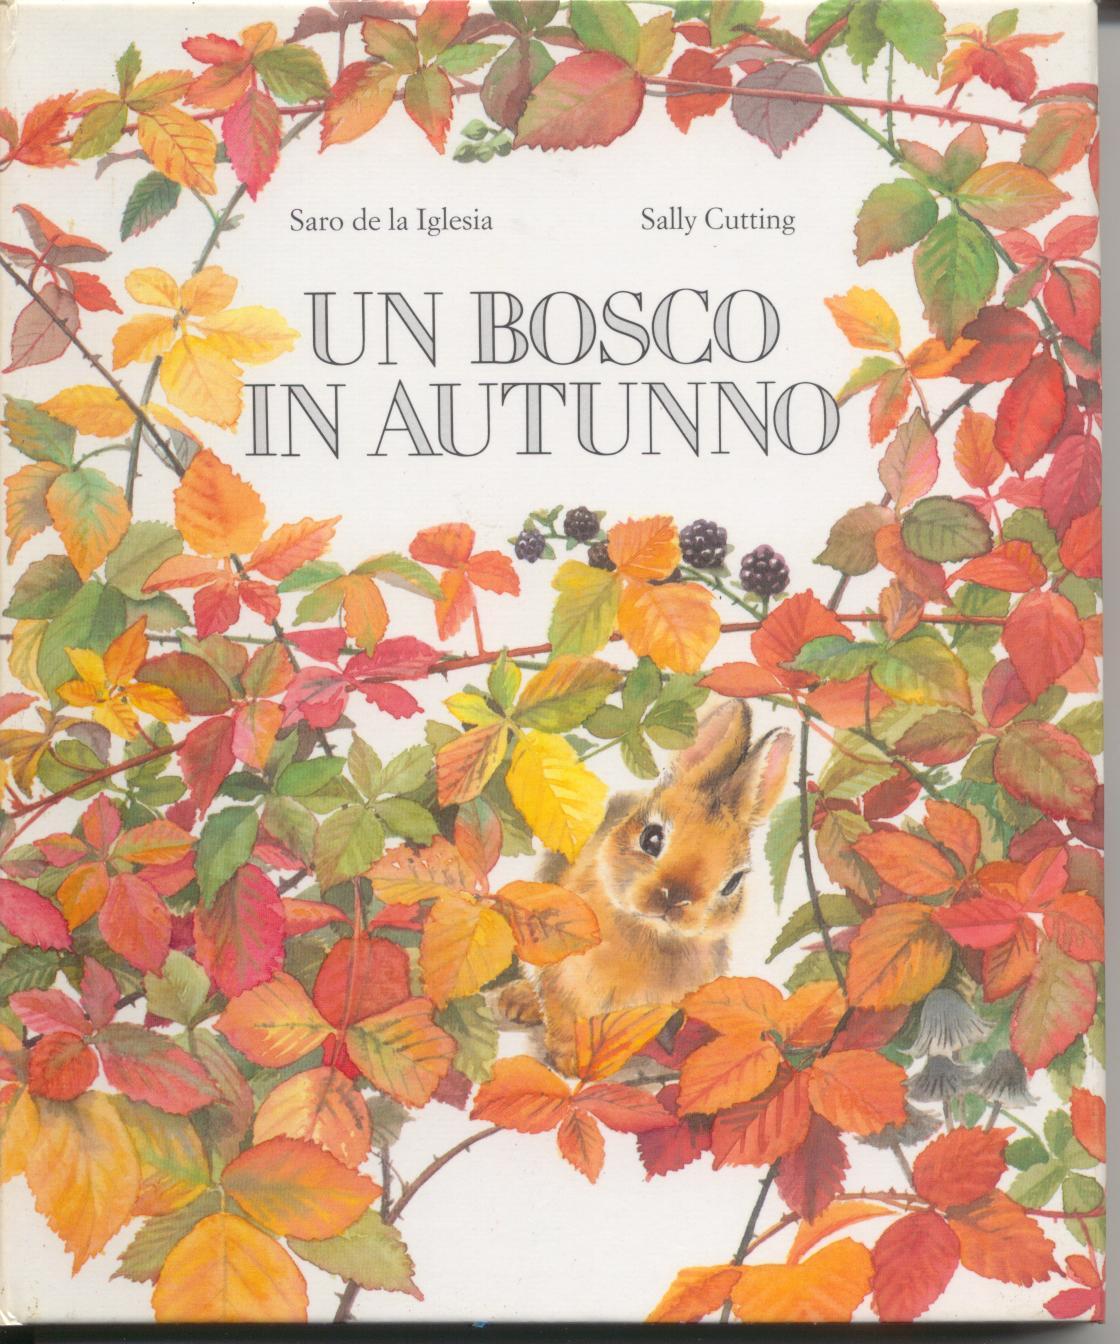 Un bosco in autunno